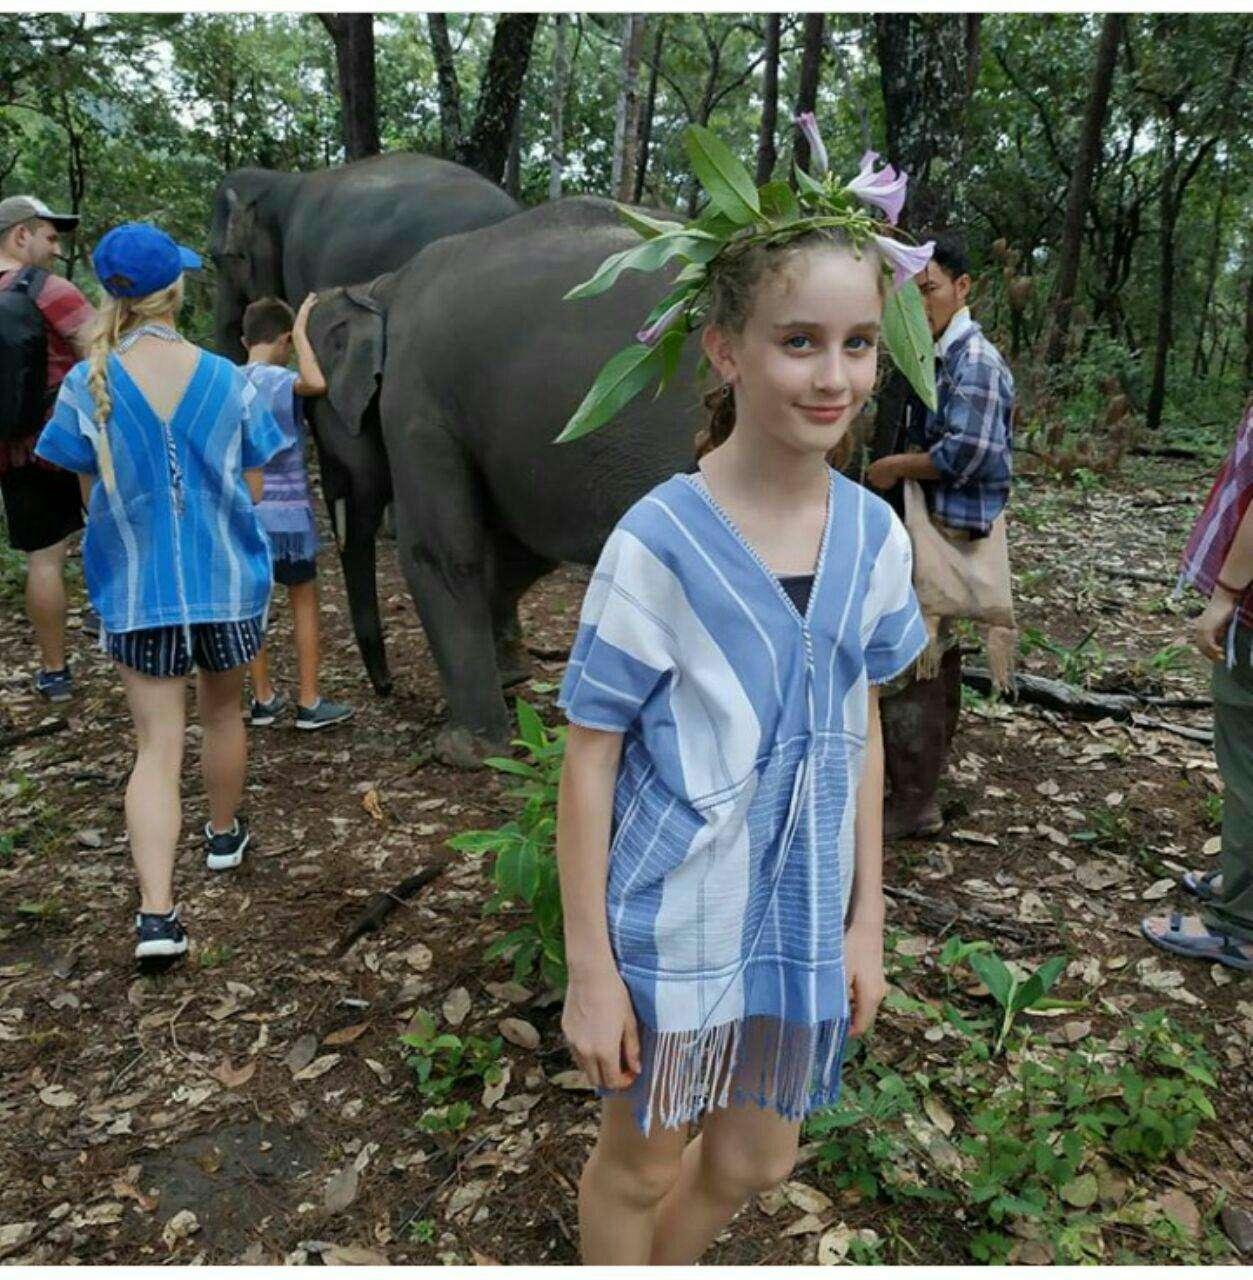 97 12 c33 563 - زندگی مشترک خانواده ای با فیل ها